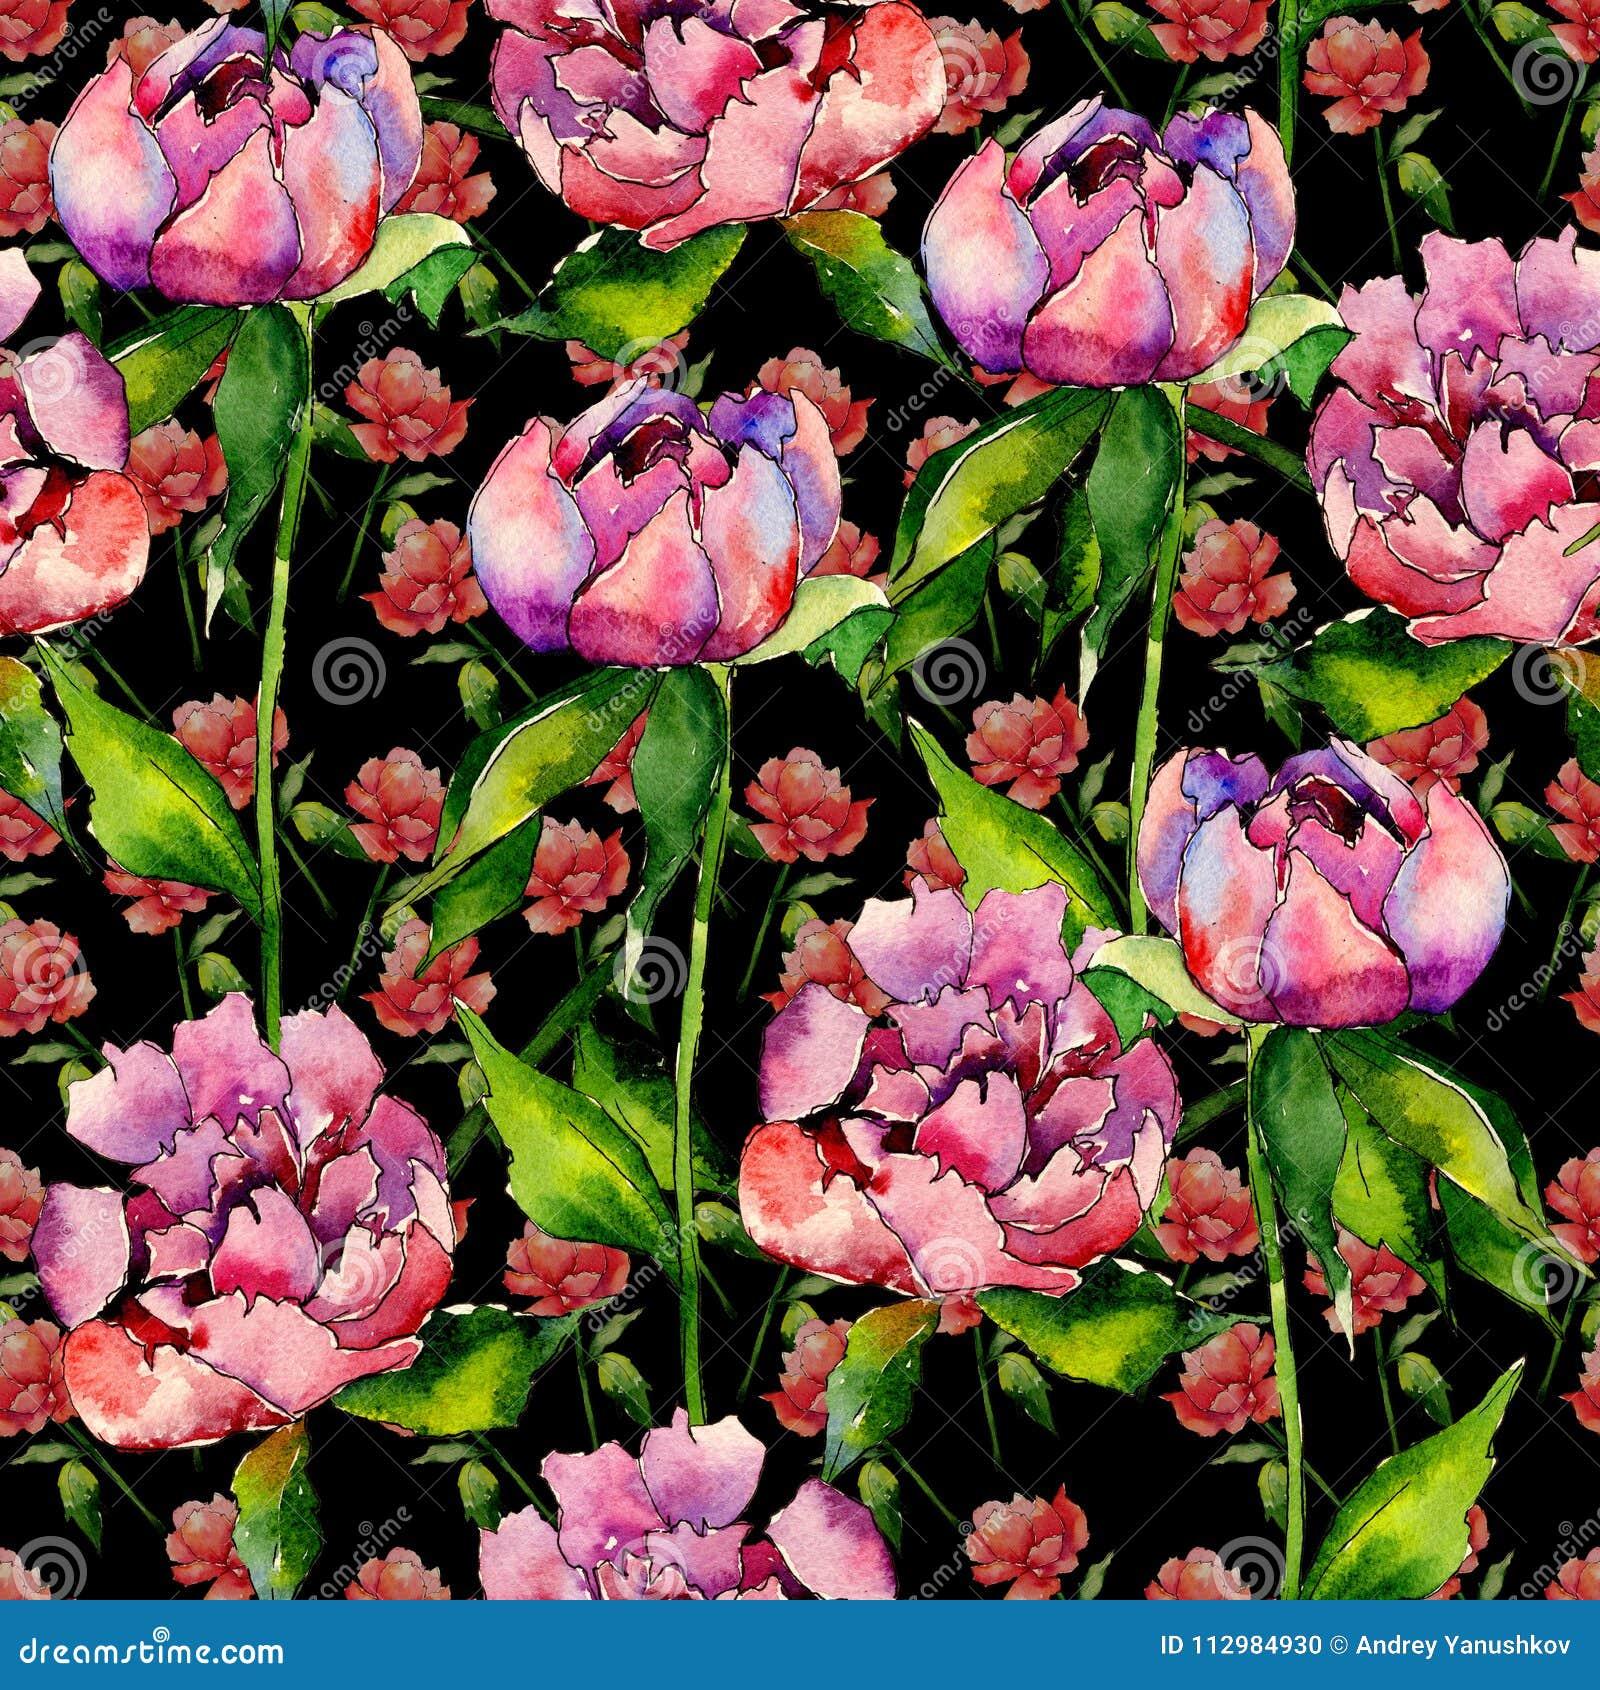 Wildflower peony flower pattern in a watercolor style.